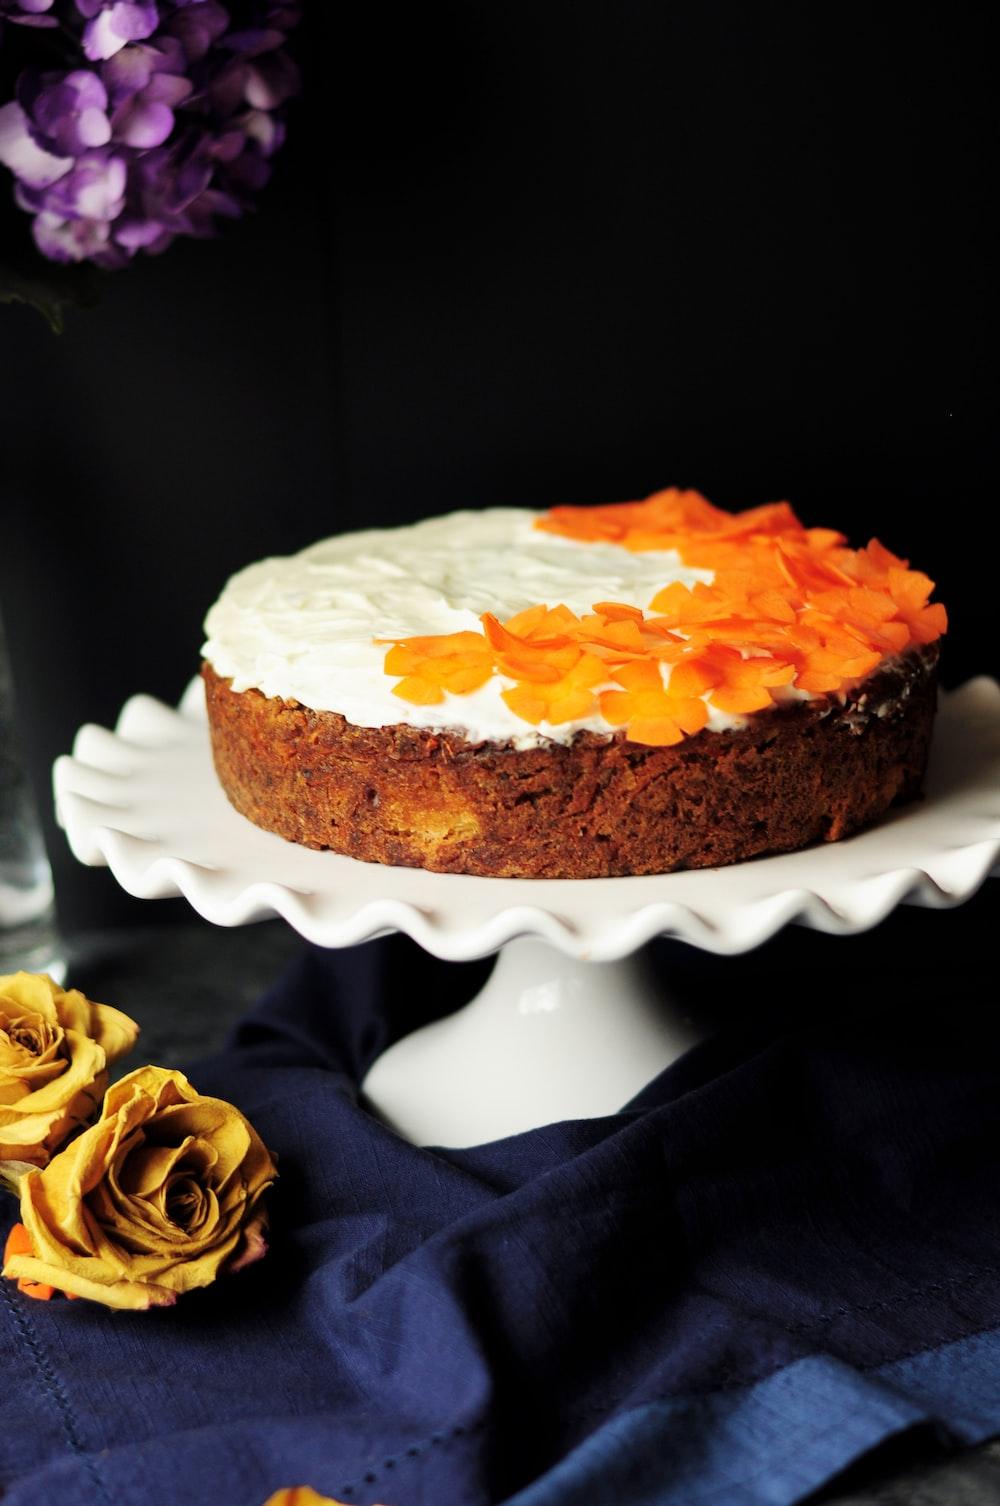 white and orange icing-coated cake on scalloped edge white ceramic cake stand